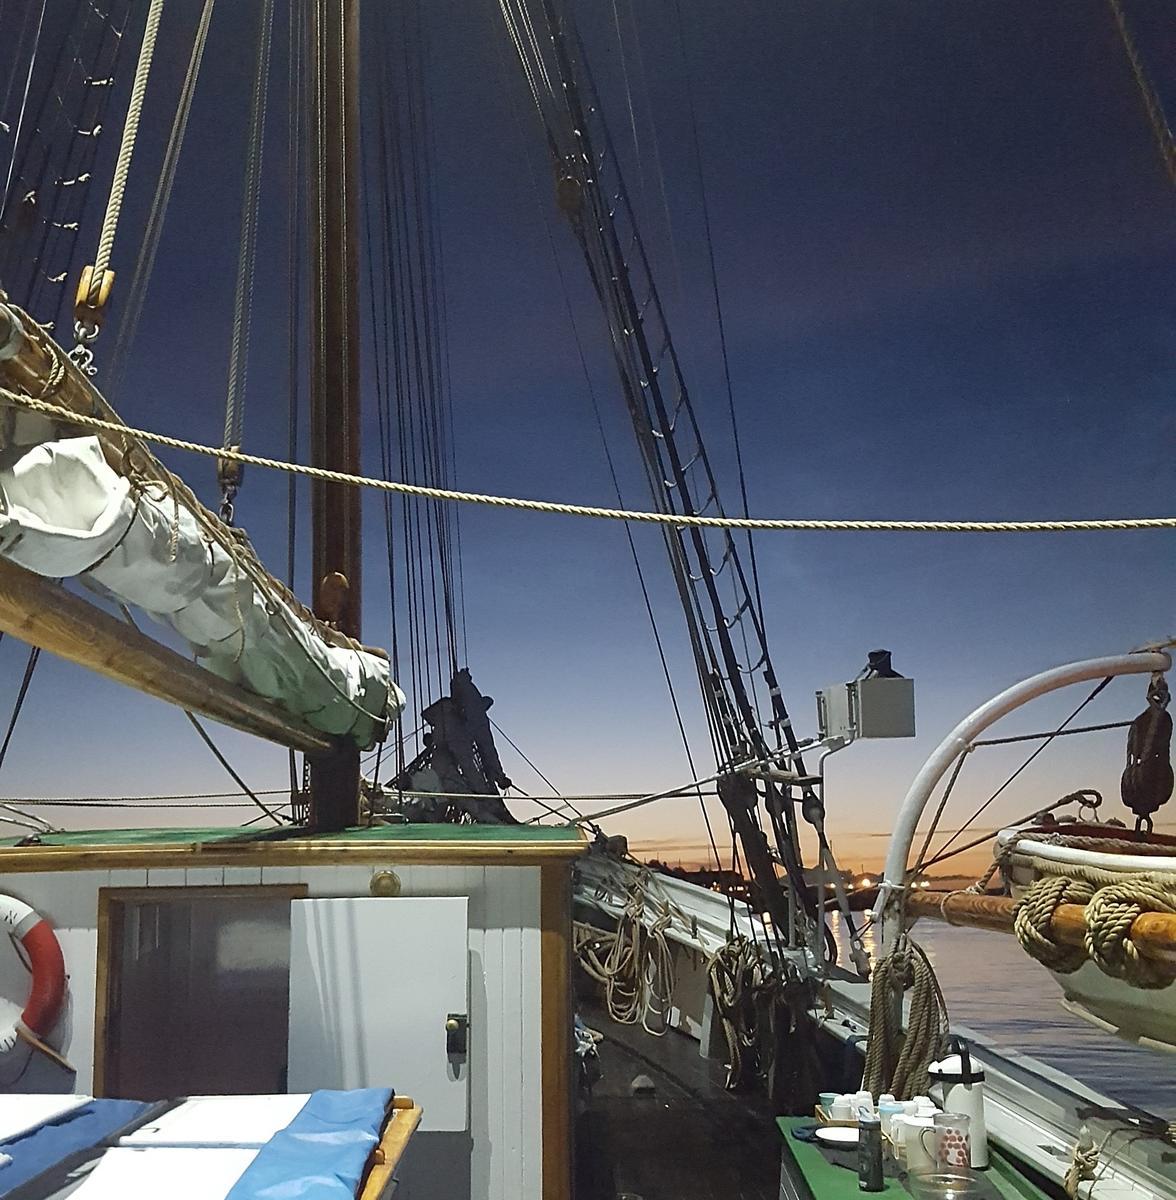 """Detalj av skonnerten """"Svanen"""", mast med rigg, detalj av livbåt, mørkeblå himmel. (Foto/Photo)"""